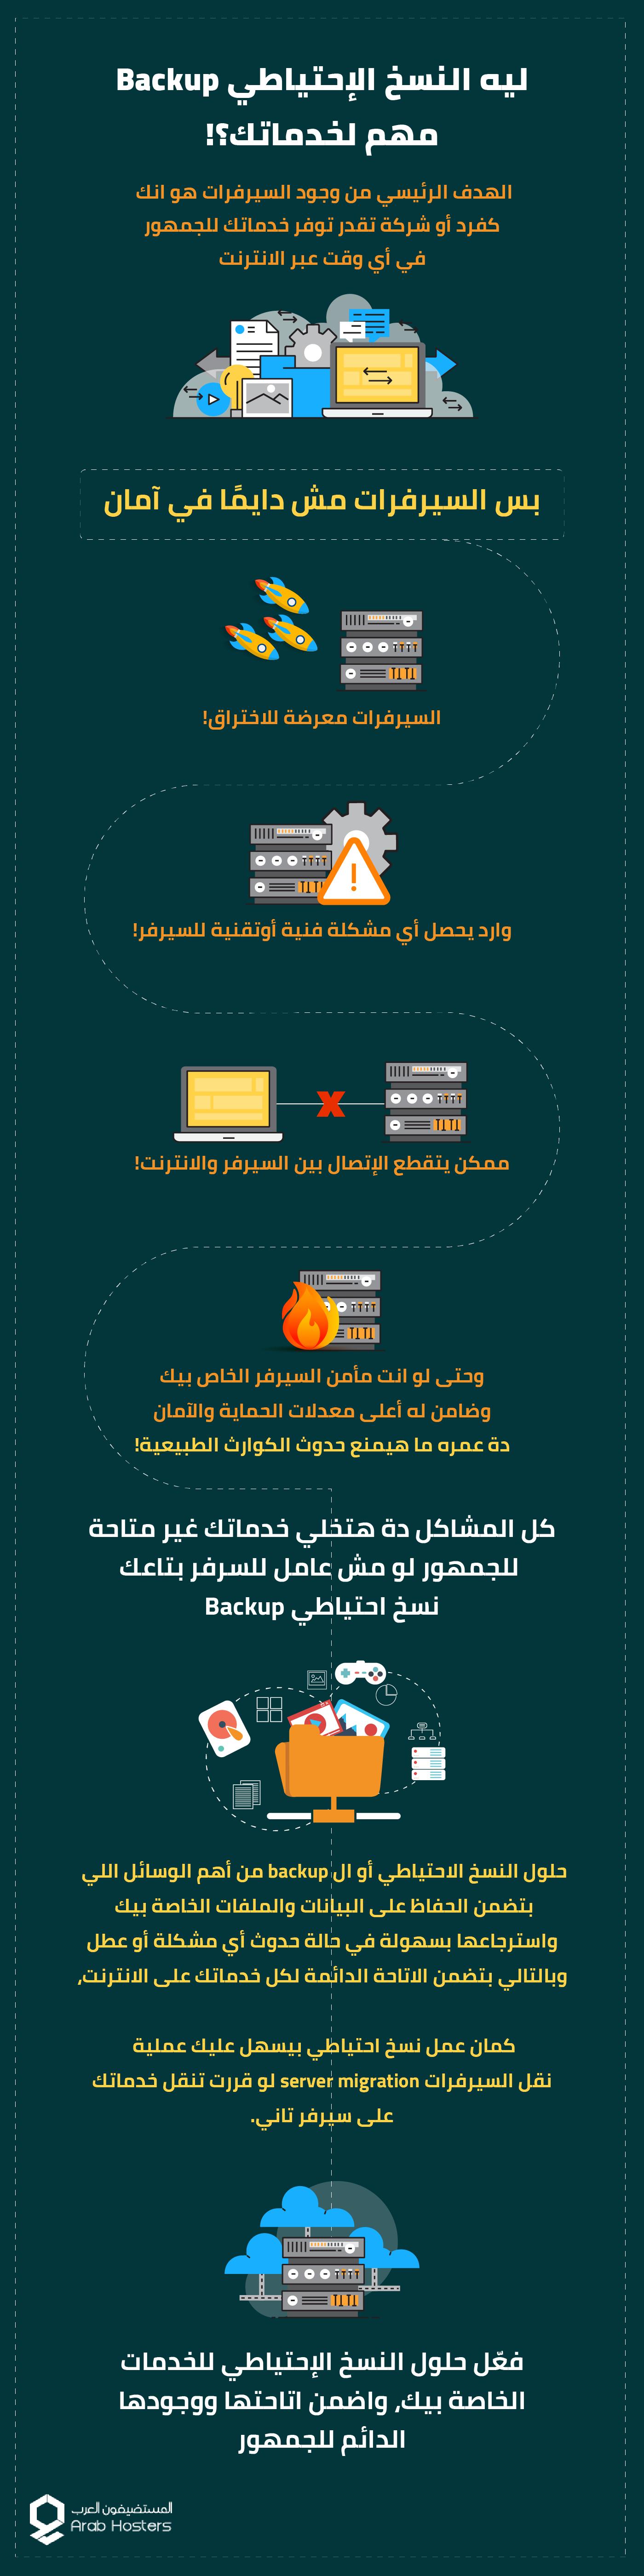 ليه النسخ الإحتياطي Backup مهم لخدماتك؟